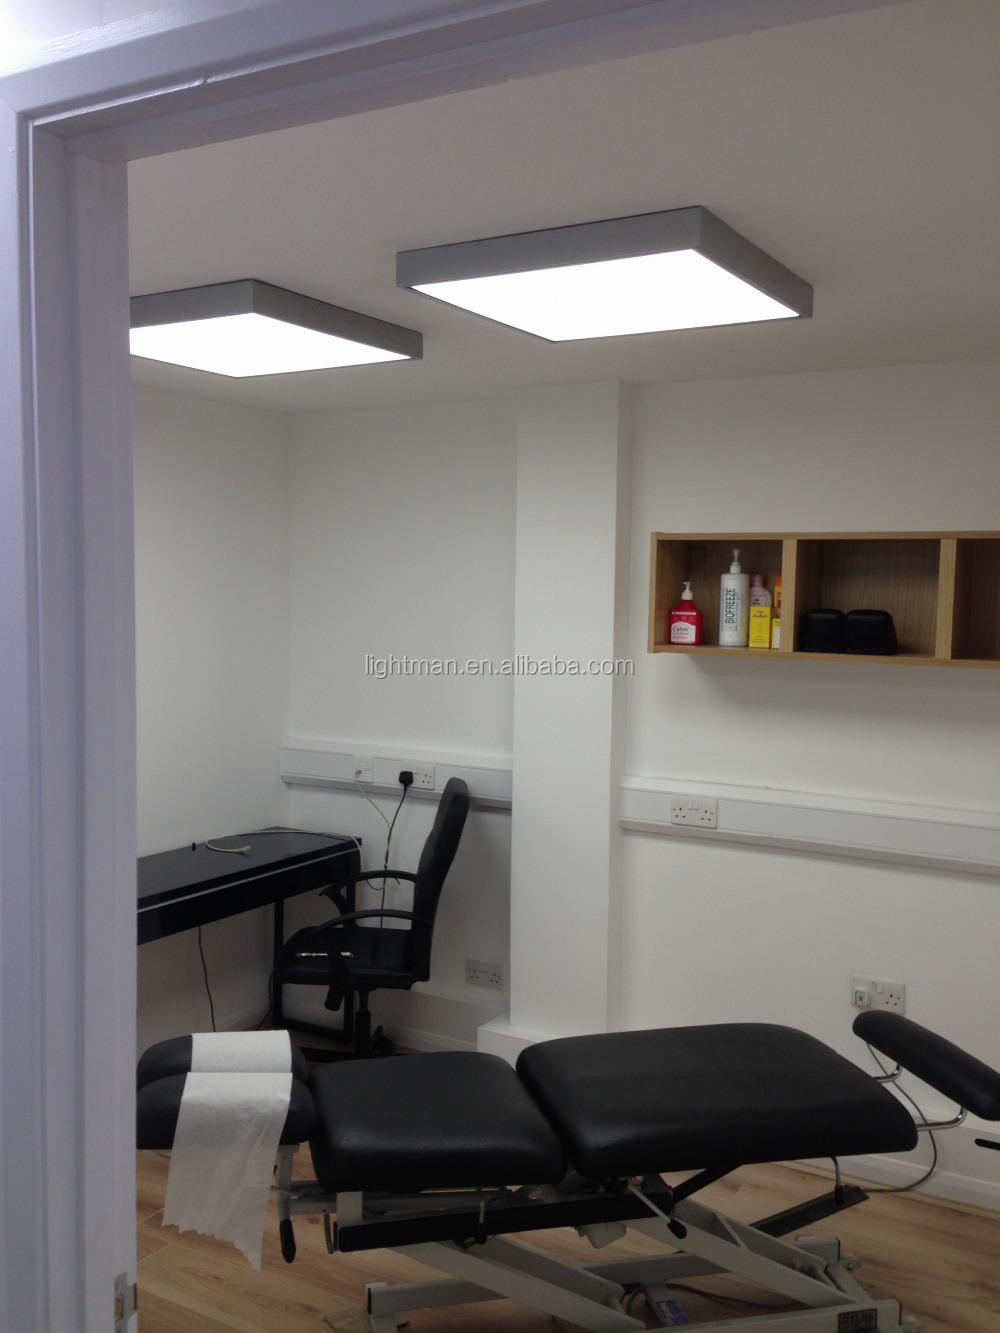 60x60 surface ceiling mount frame kit for led light panel 600 600